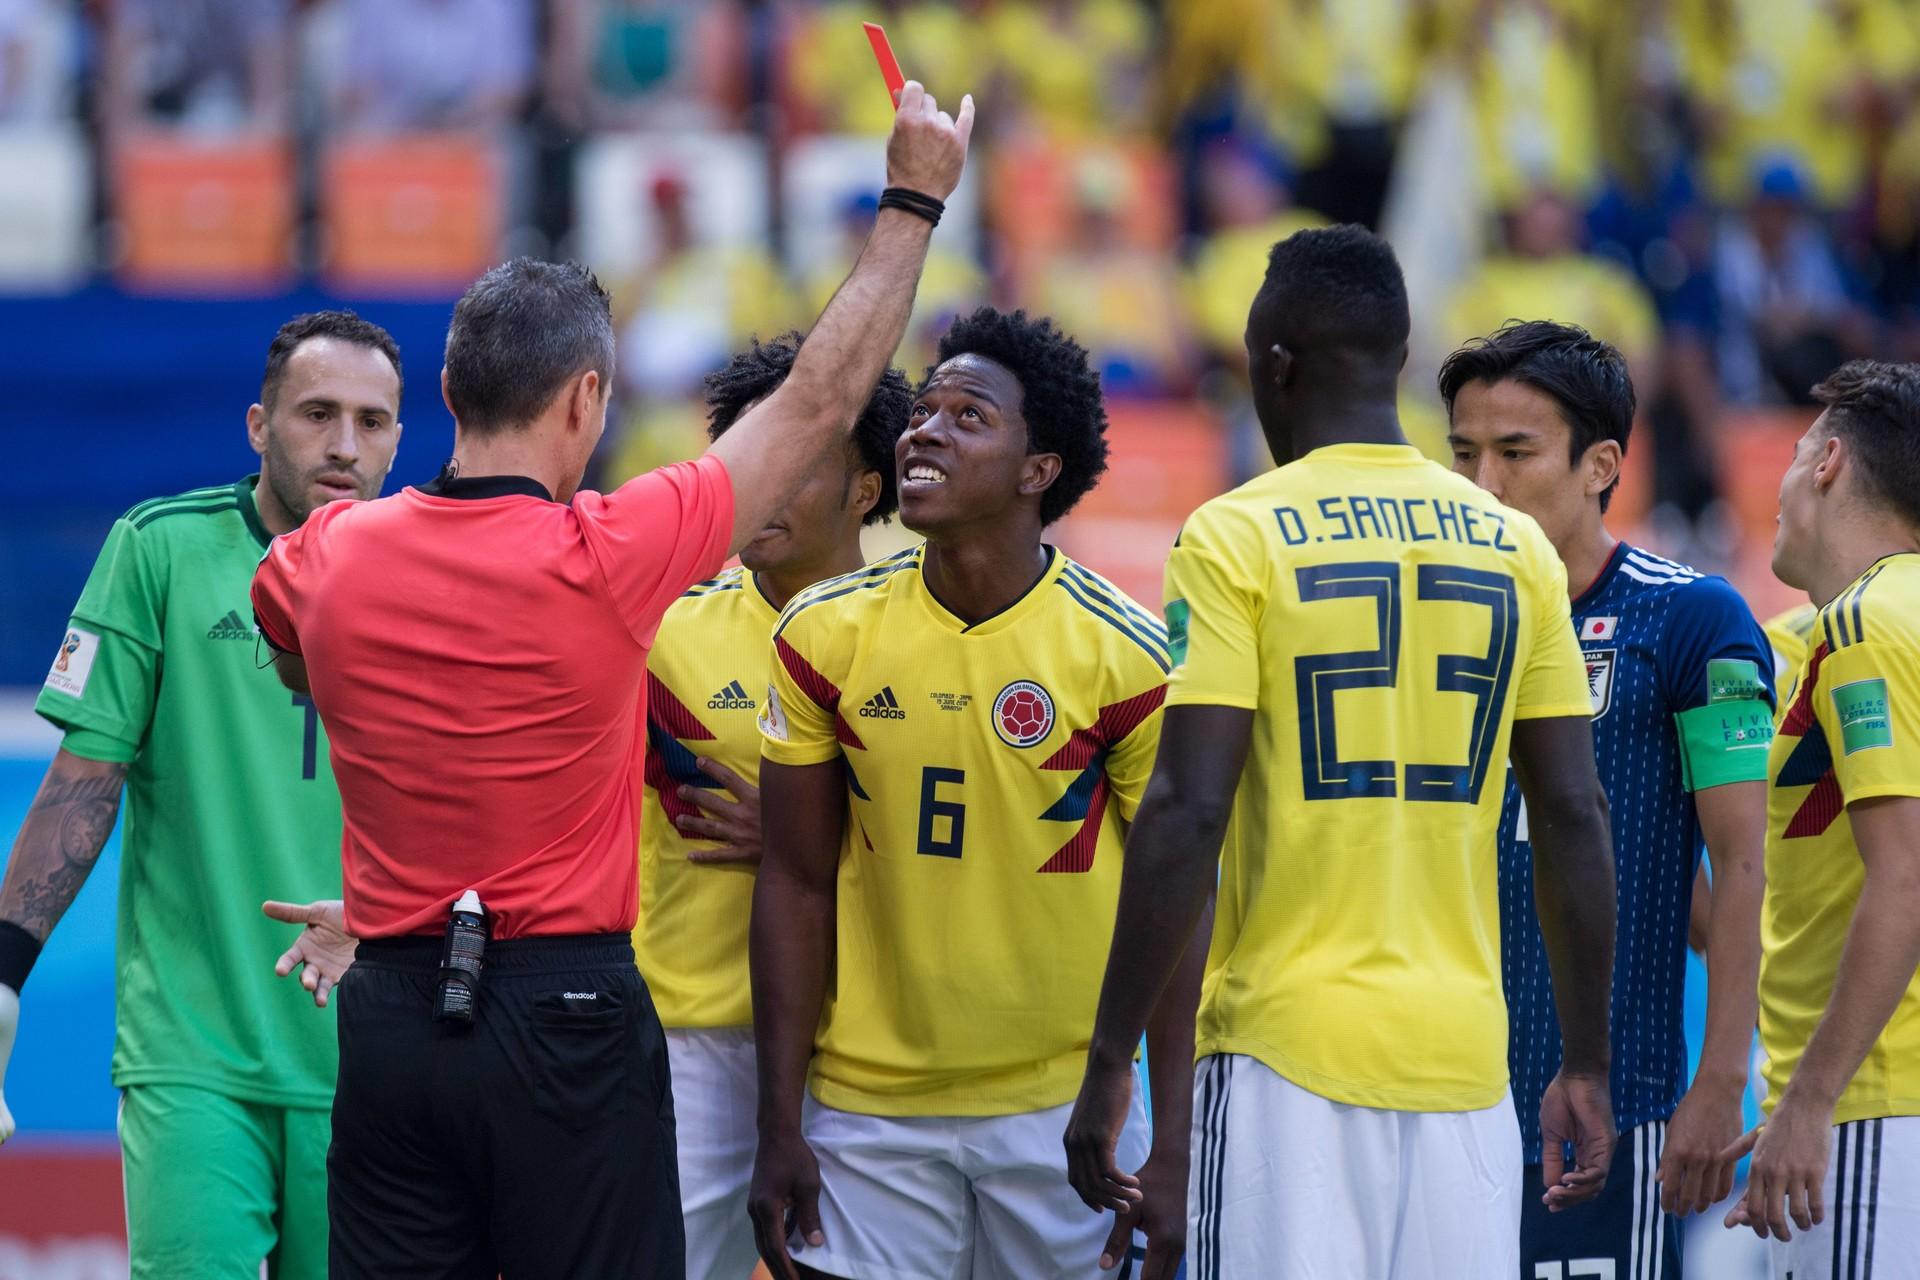 Skomina je pokazal prvi rdeči karton na SP v Rusiji, na tekmi Kolumbija - Japonska